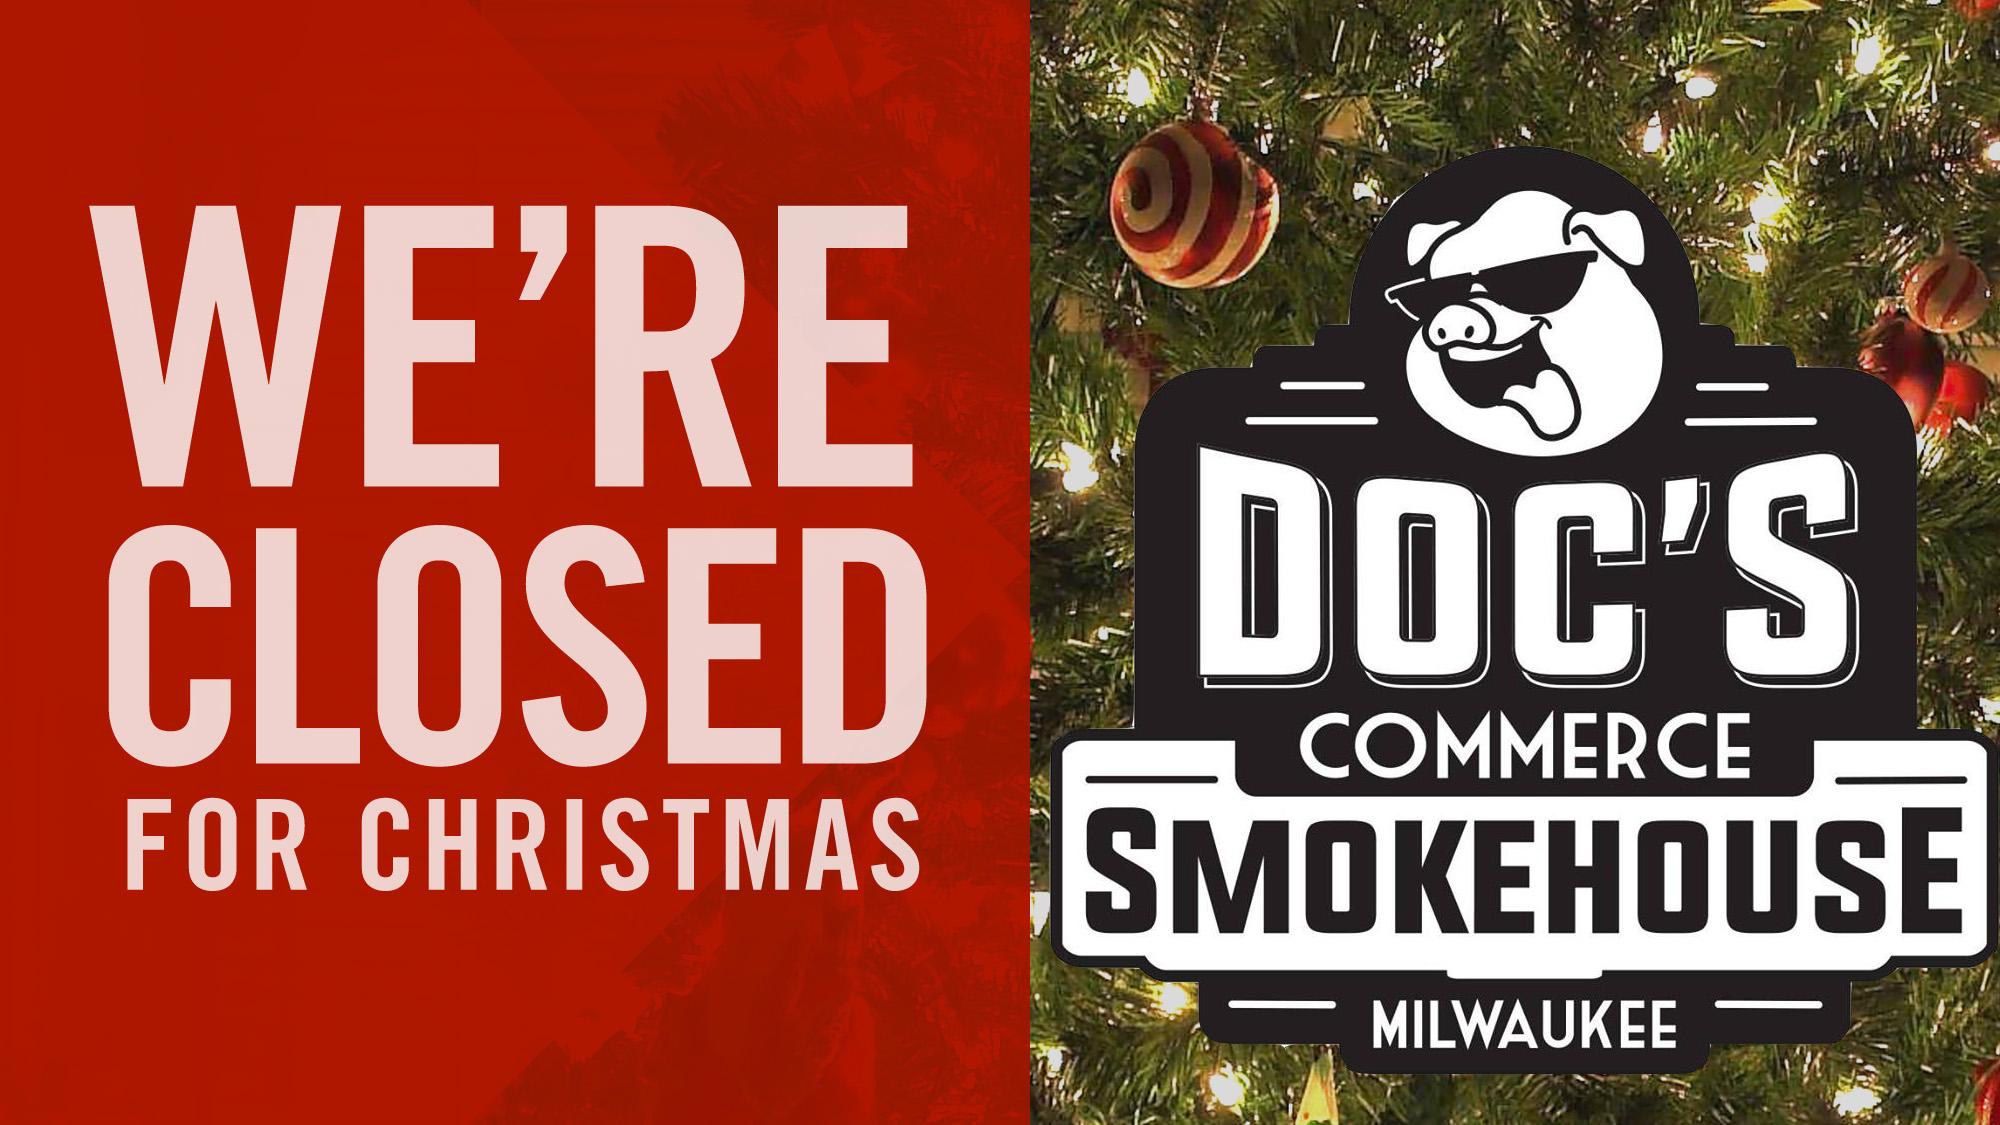 Closed for Christmas-Commerce.jpg